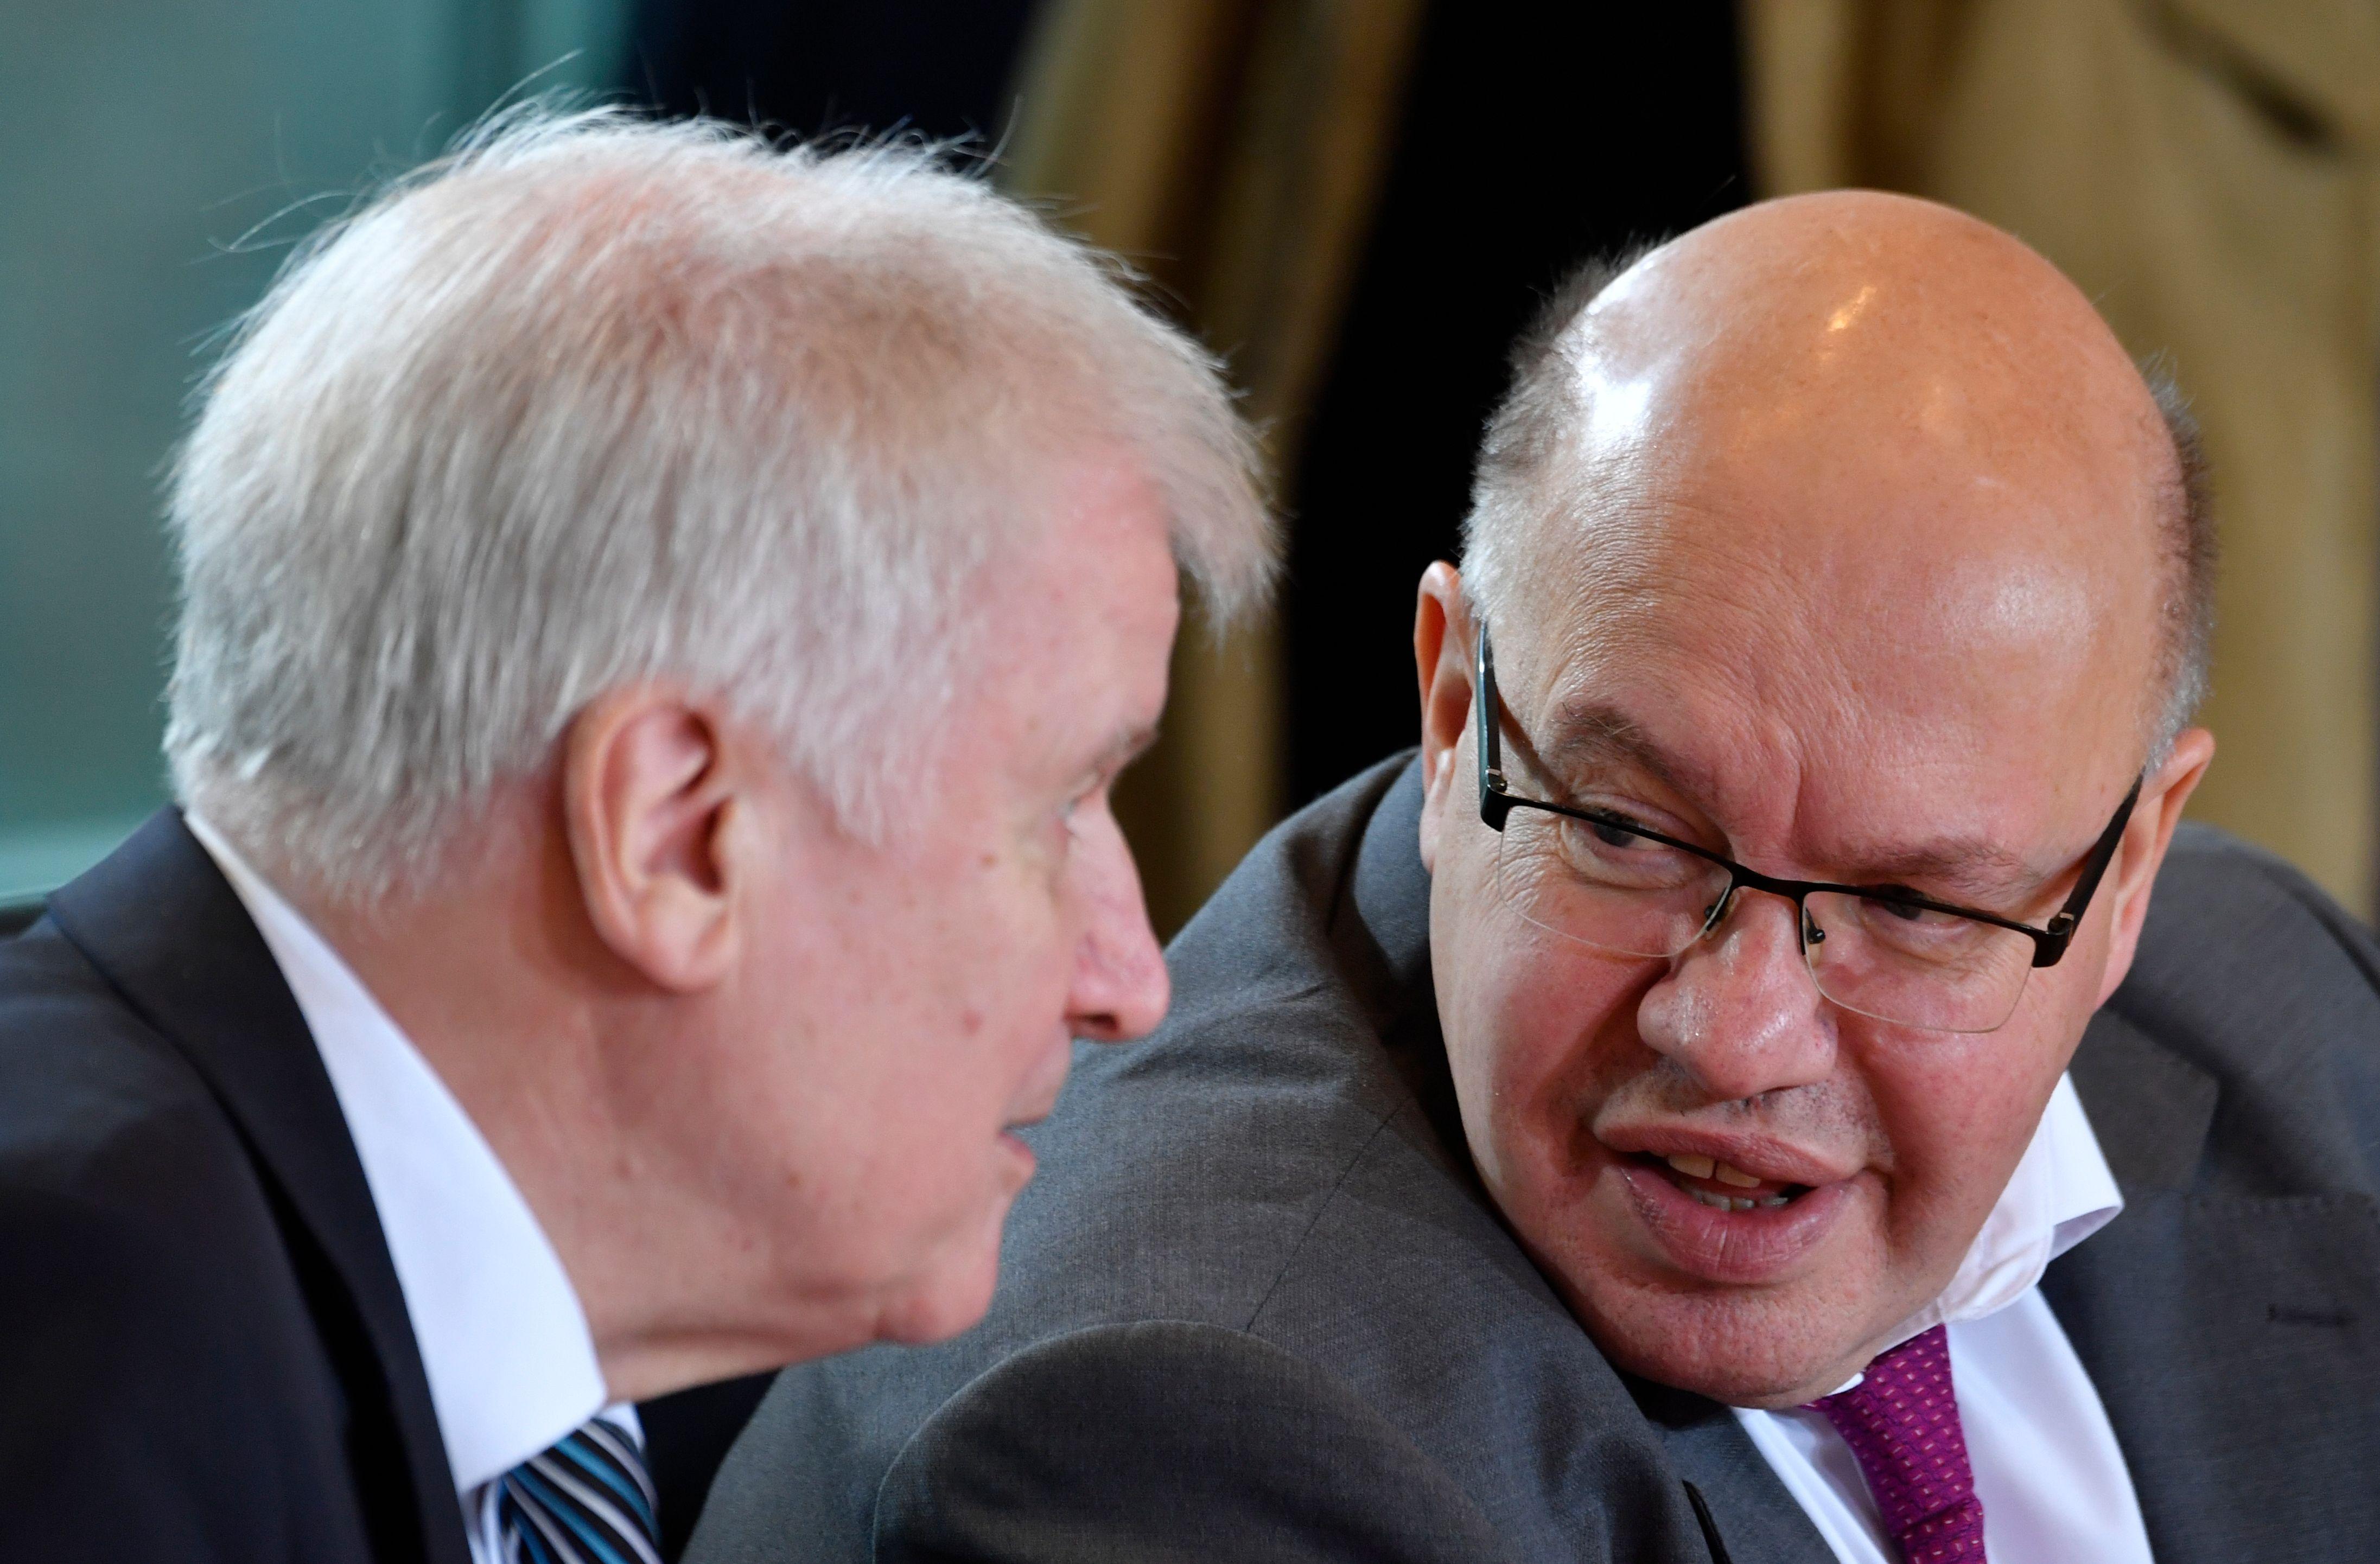 週三(12月19日),德國聯邦內閣批准了《〈對外經貿法〉執行條例》修訂案,收緊非歐盟投資者特別是中資對德國戰略企業的收購。圖為週三內閣會前,內政部長西霍夫(Horst Seehofer,圖左)和經濟部長阿爾特邁爾(Peter Altmaier,圖右)在談話。(JOHN MACDOUGALL/AFP/Getty Images)